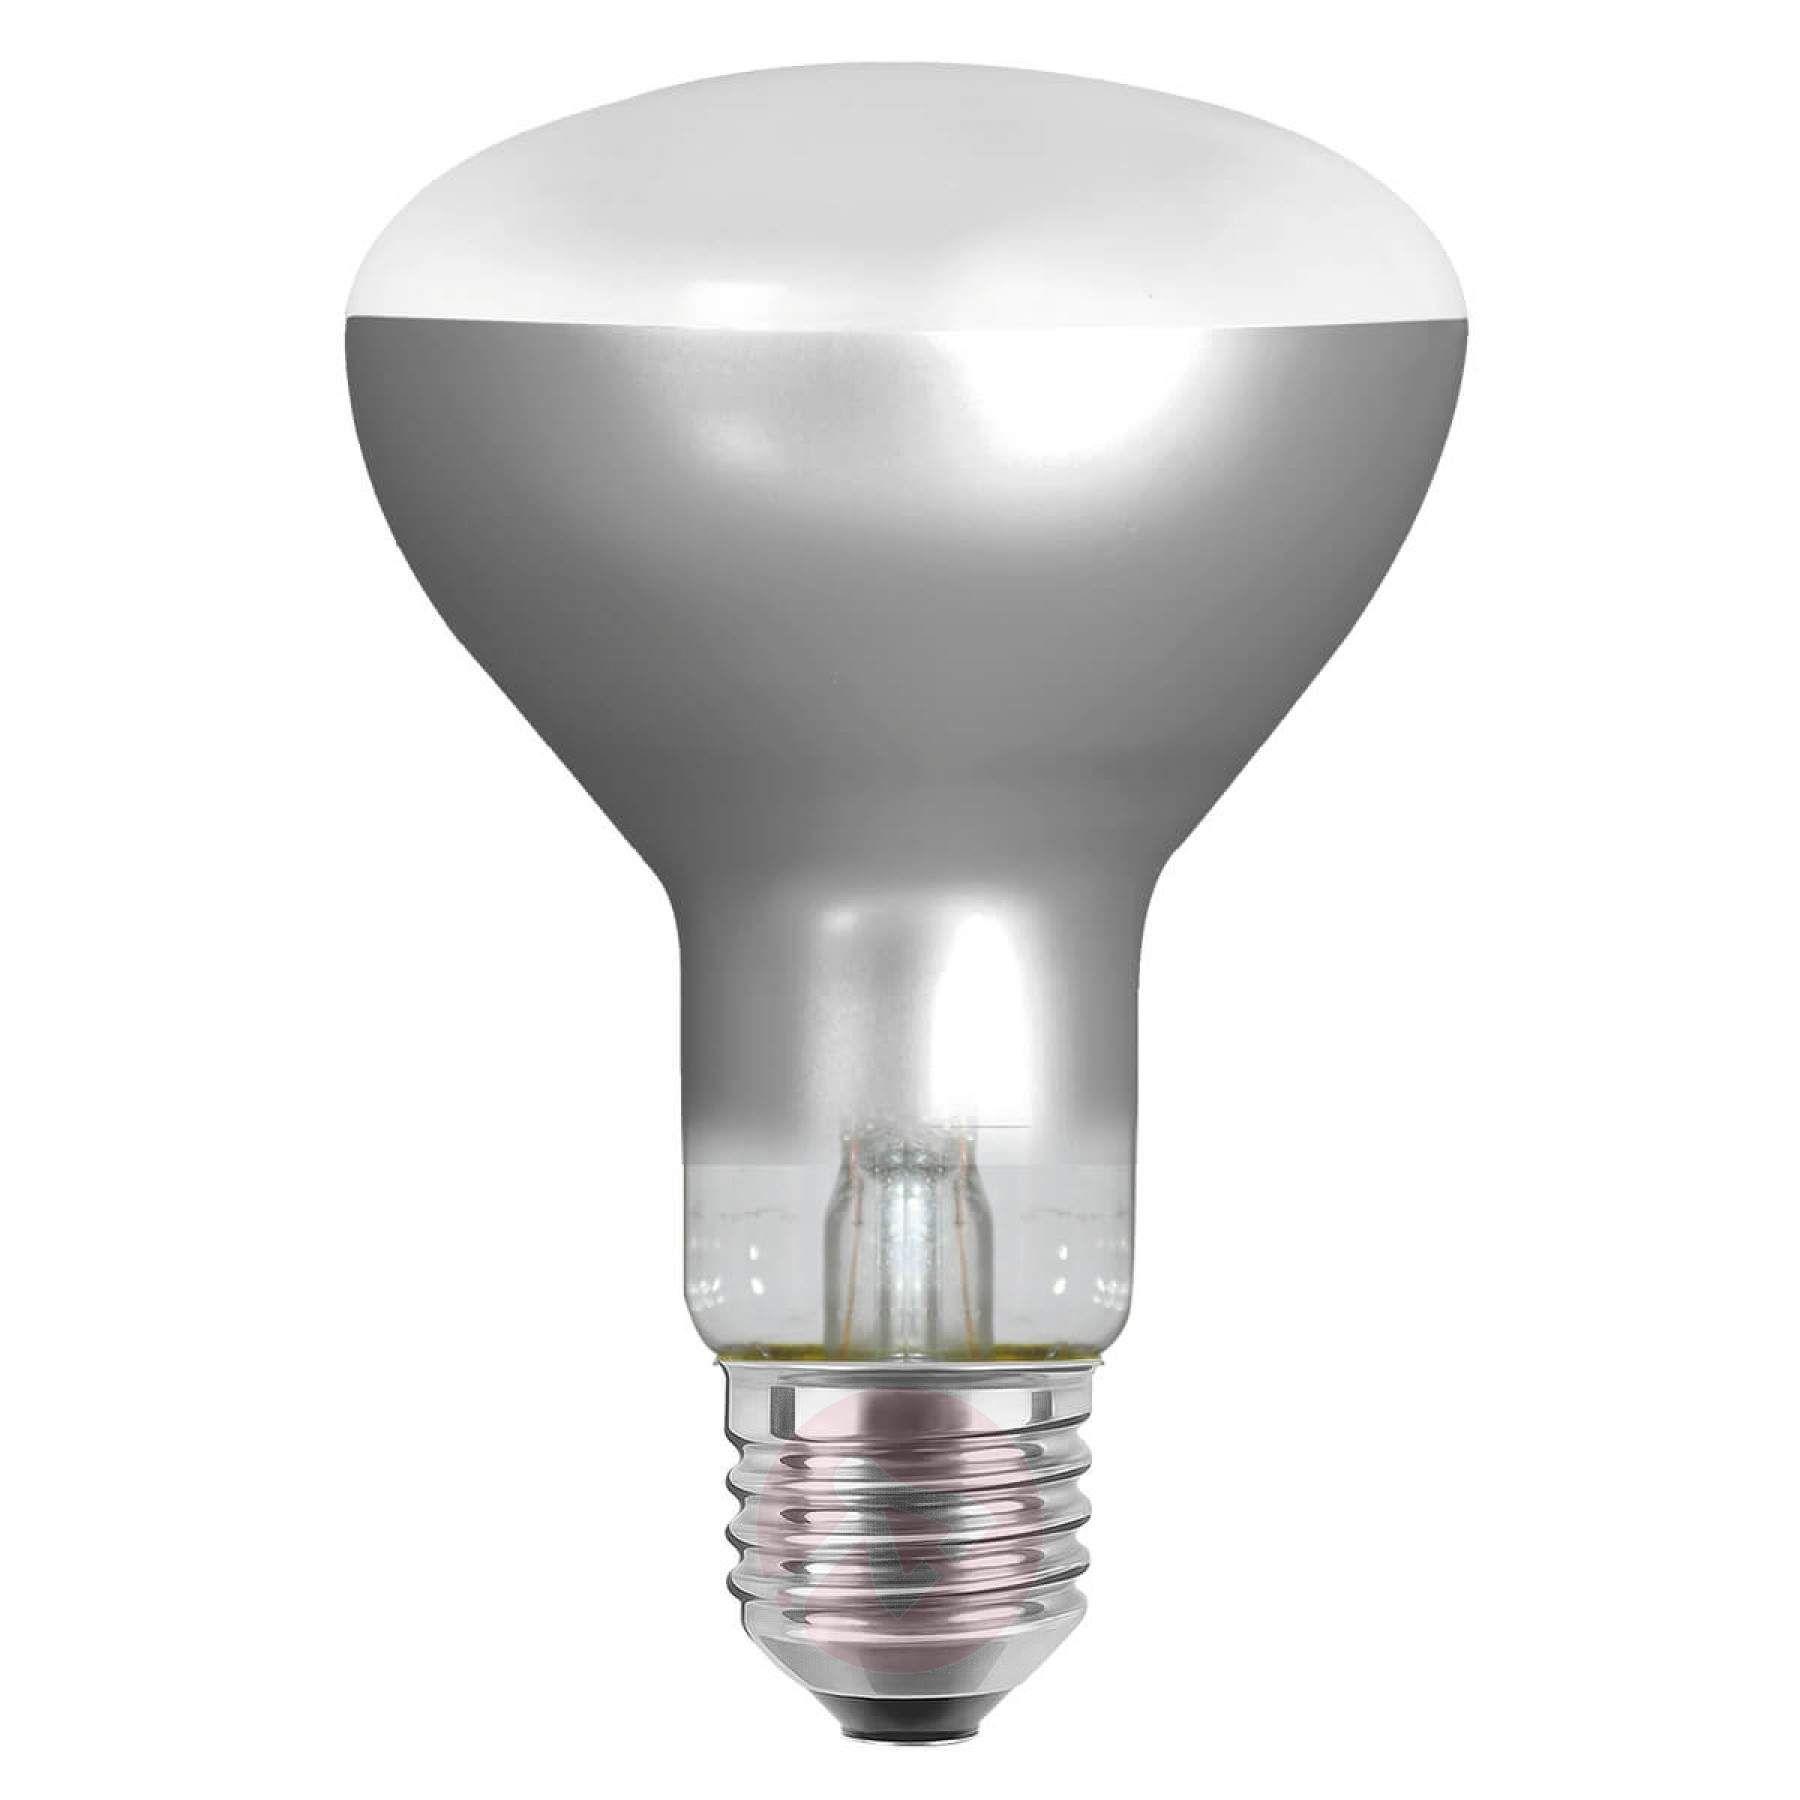 E27 8w Led Lampe 3u Dimbar Lampegiganten No I 2020 Lamper Taklamper Oppvarming